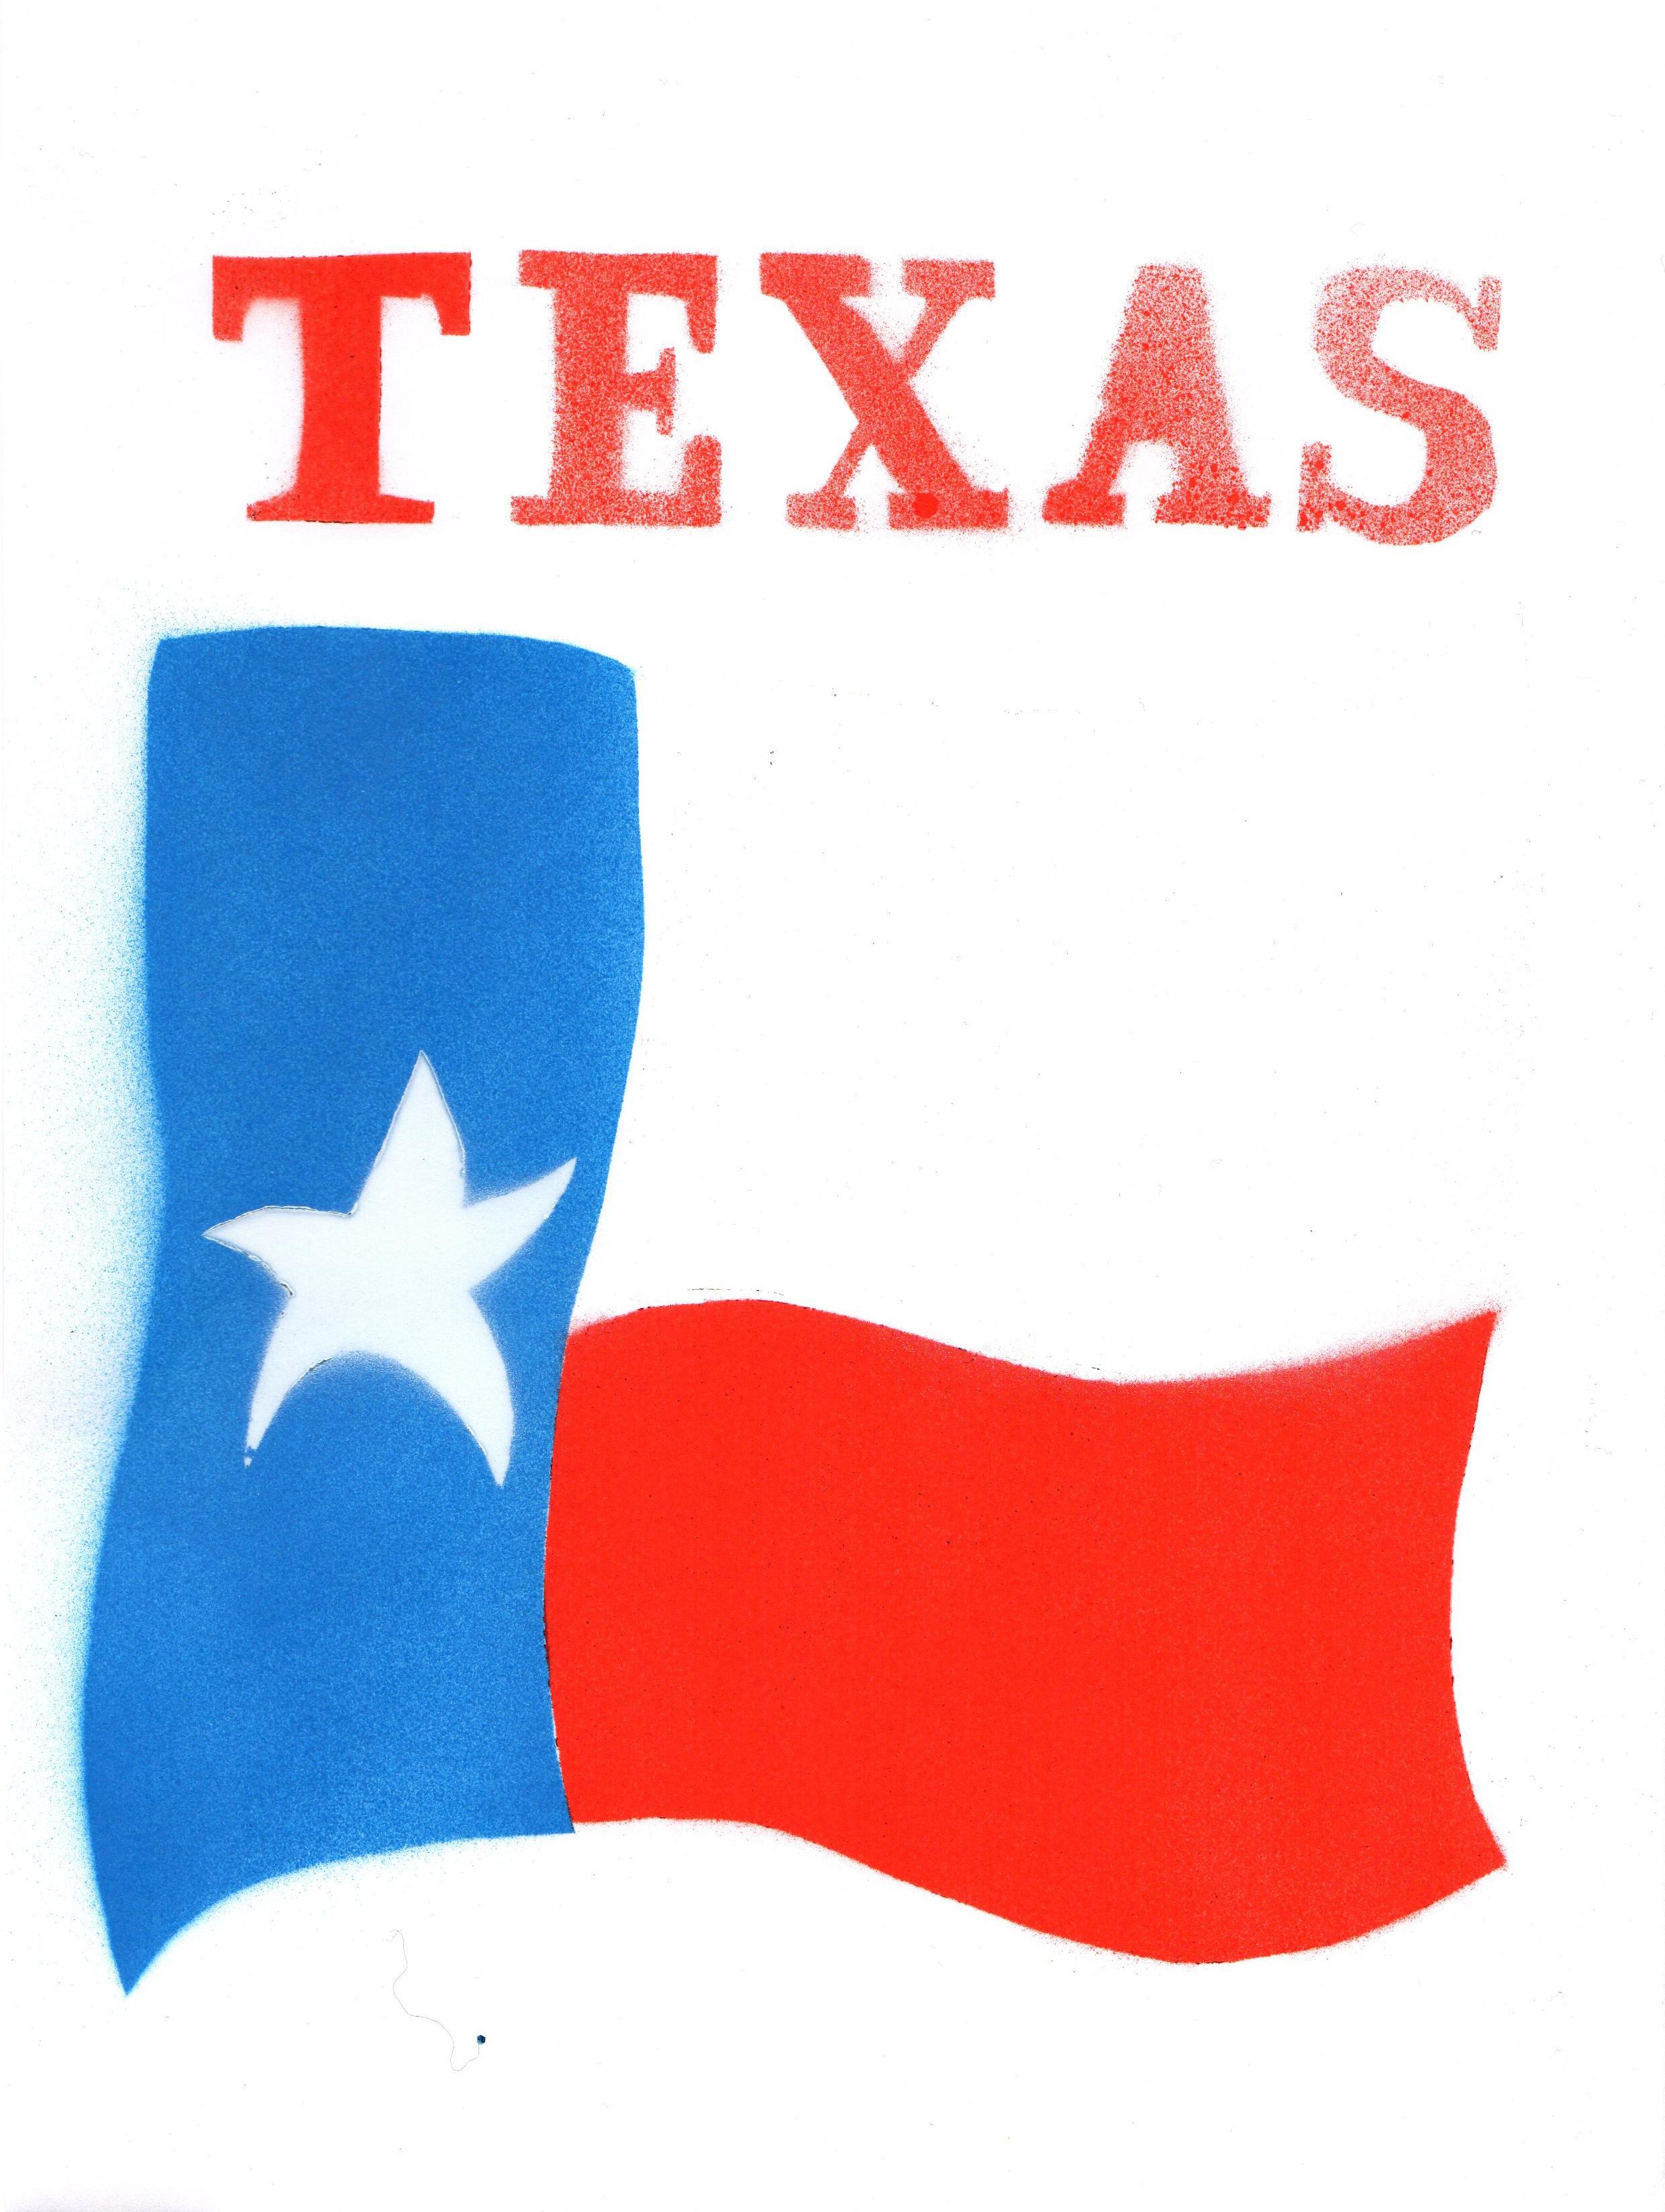 2481x3296 Texas Flag Stencil Diy ~ Stencils Texas Flags